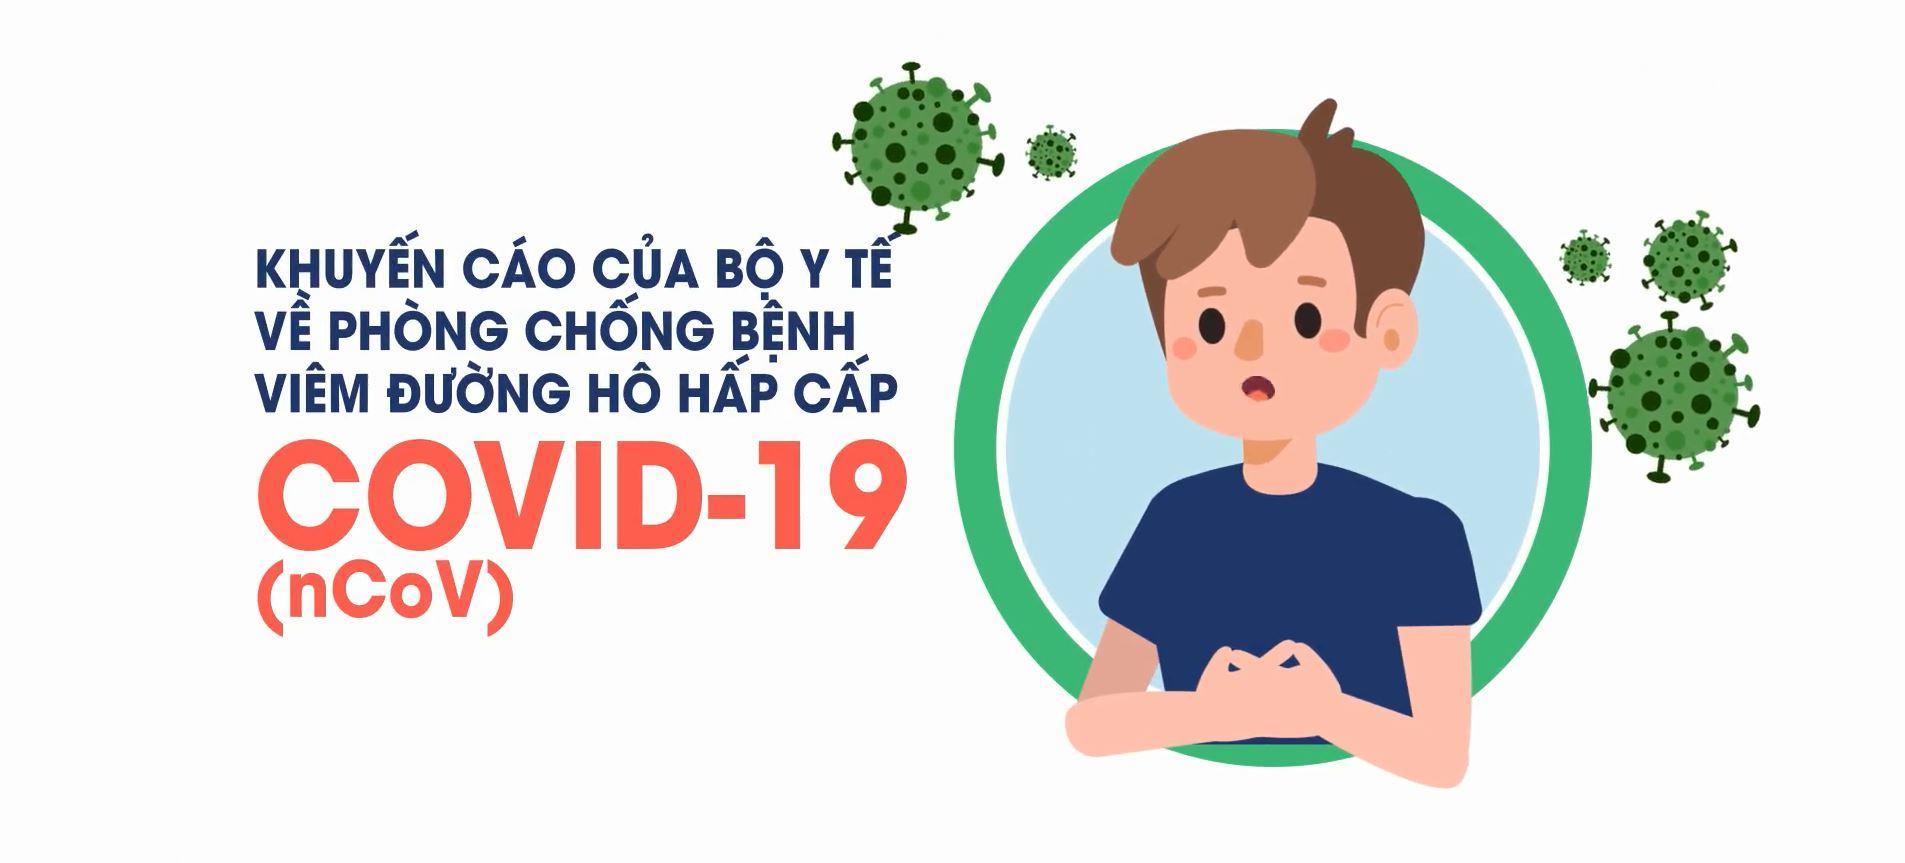 Khuyến cáo chung của Bộ y tế về phòng chống bệnh viêm đường hô hấp cấp COVID-19 (nCoV)